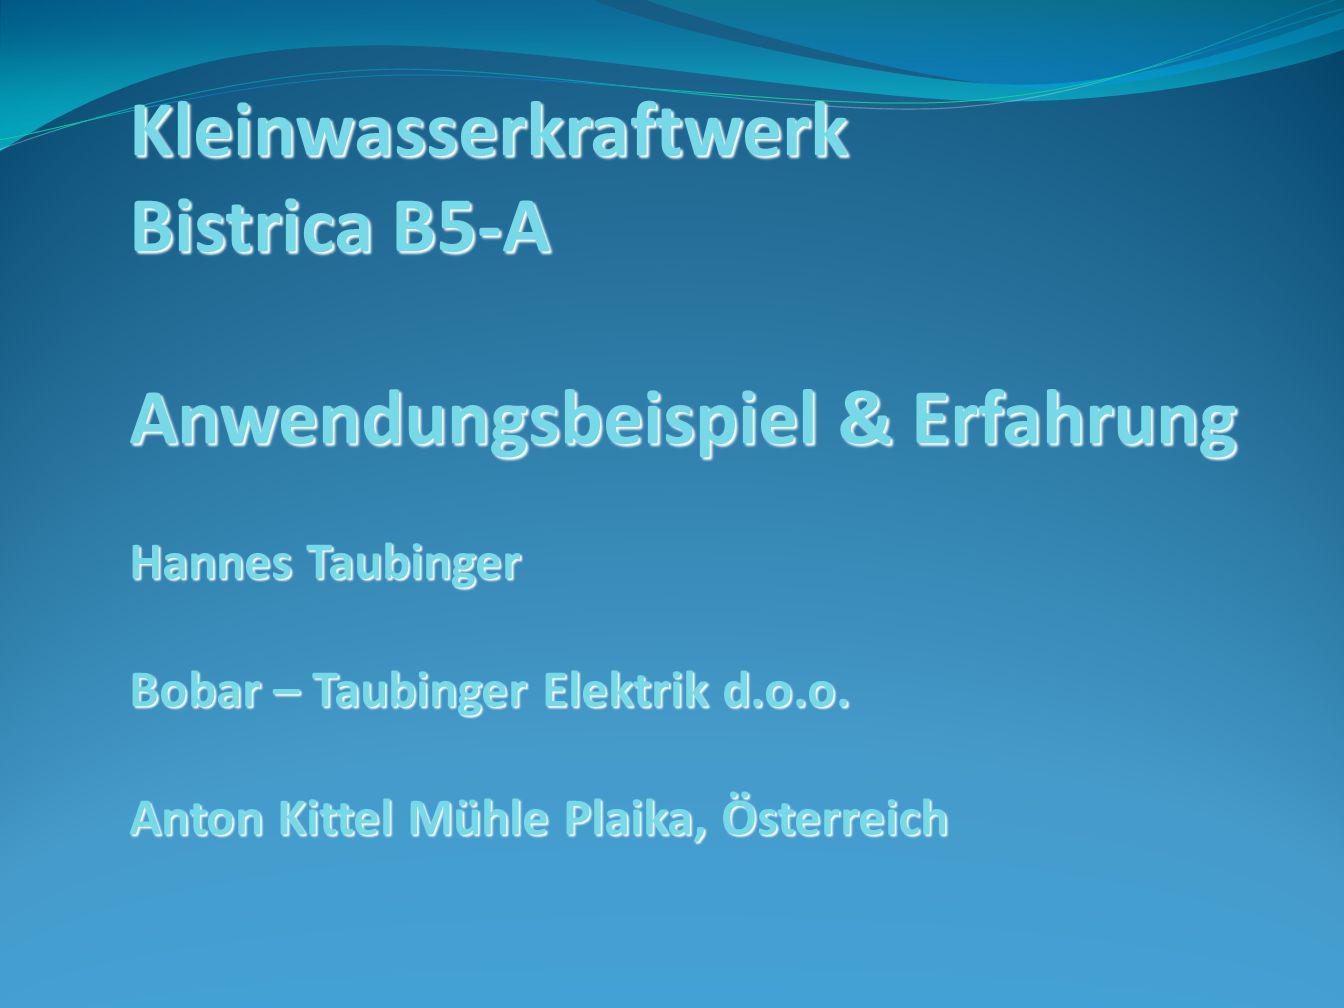 Kleinwasserkraftwerk Bistrica B5-A Anwendungsbeispiel & Erfahrung Hannes Taubinger Bobar – Taubinger Elektrik d.o.o.